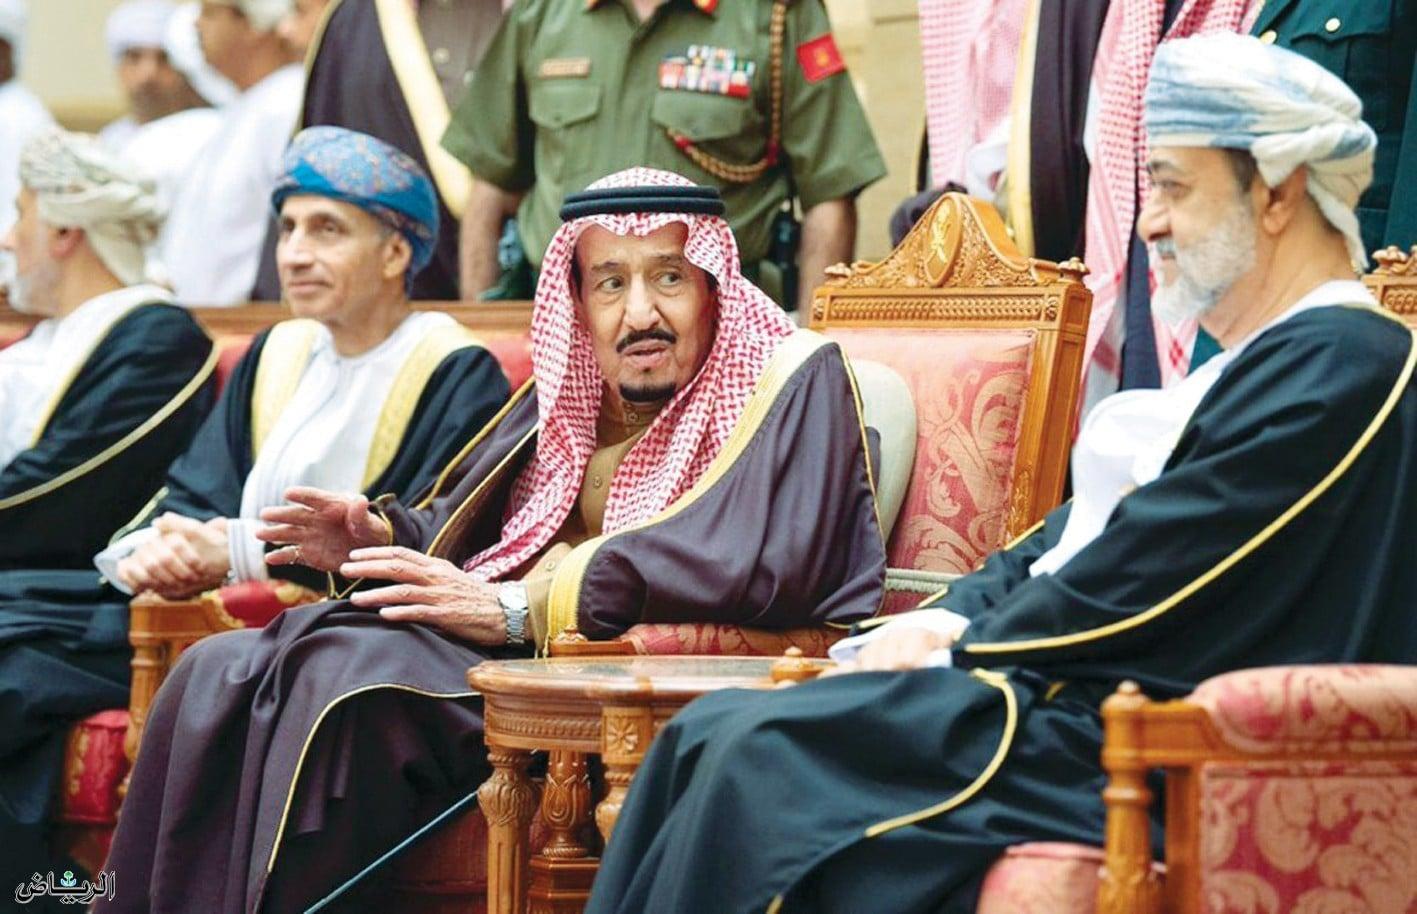 4 ملفات على طاولة هيثم بن طارق والملك سلمان واللقاء تمهيد لأمر أكبر بكثير من الشراكة الاقتصادية